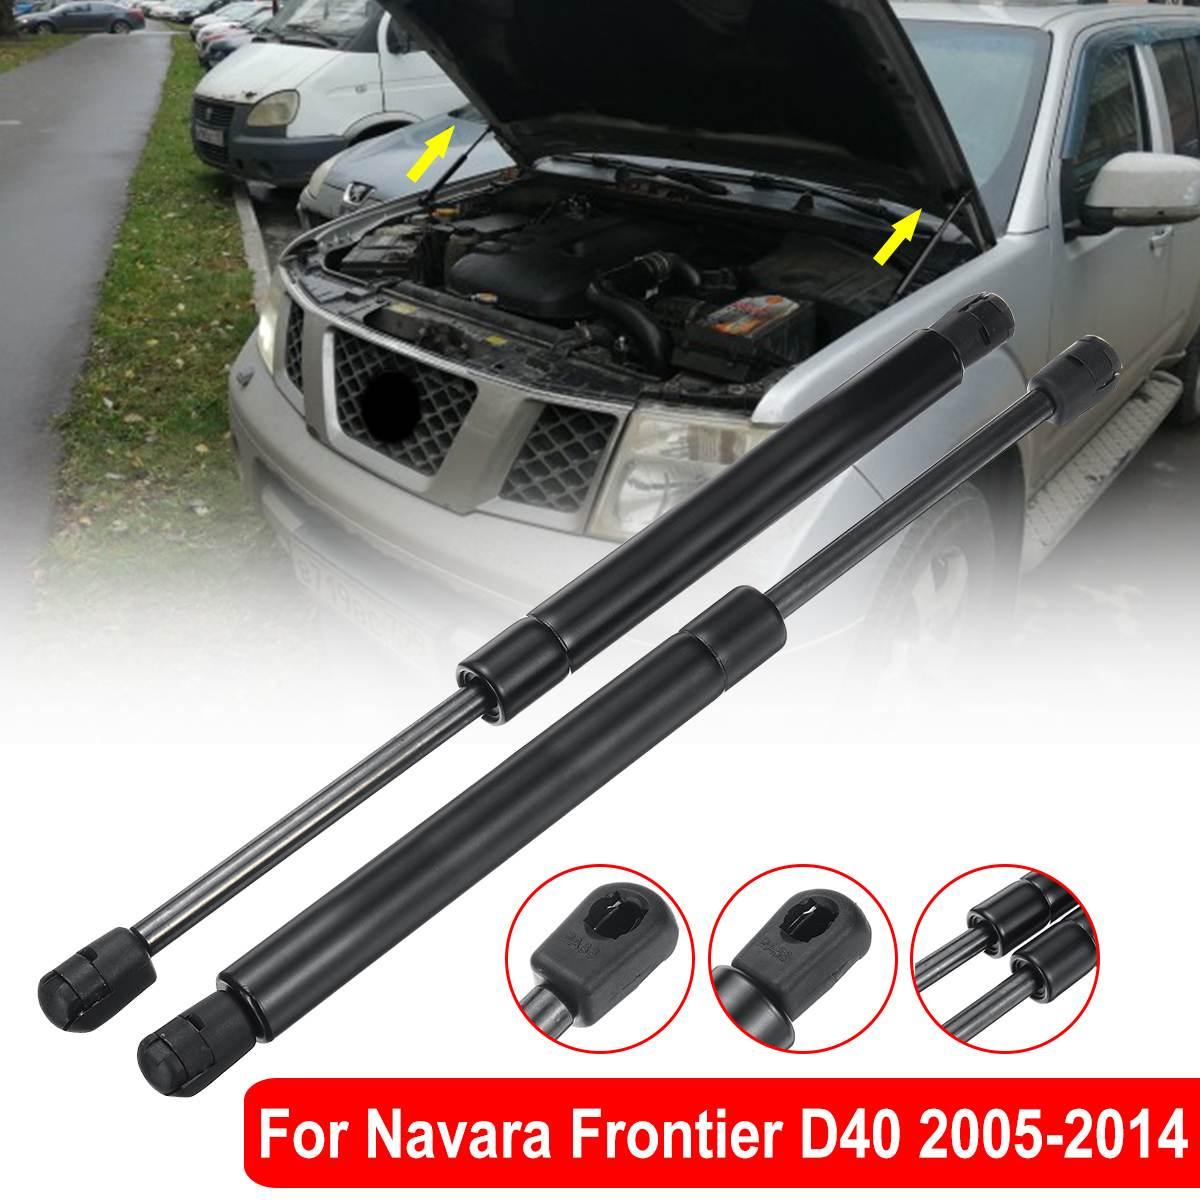 Par De Heavy Duty 4+1 Resorte Apto Para Nissan Navara 4X4 D40 2.5 dCi 2005 en